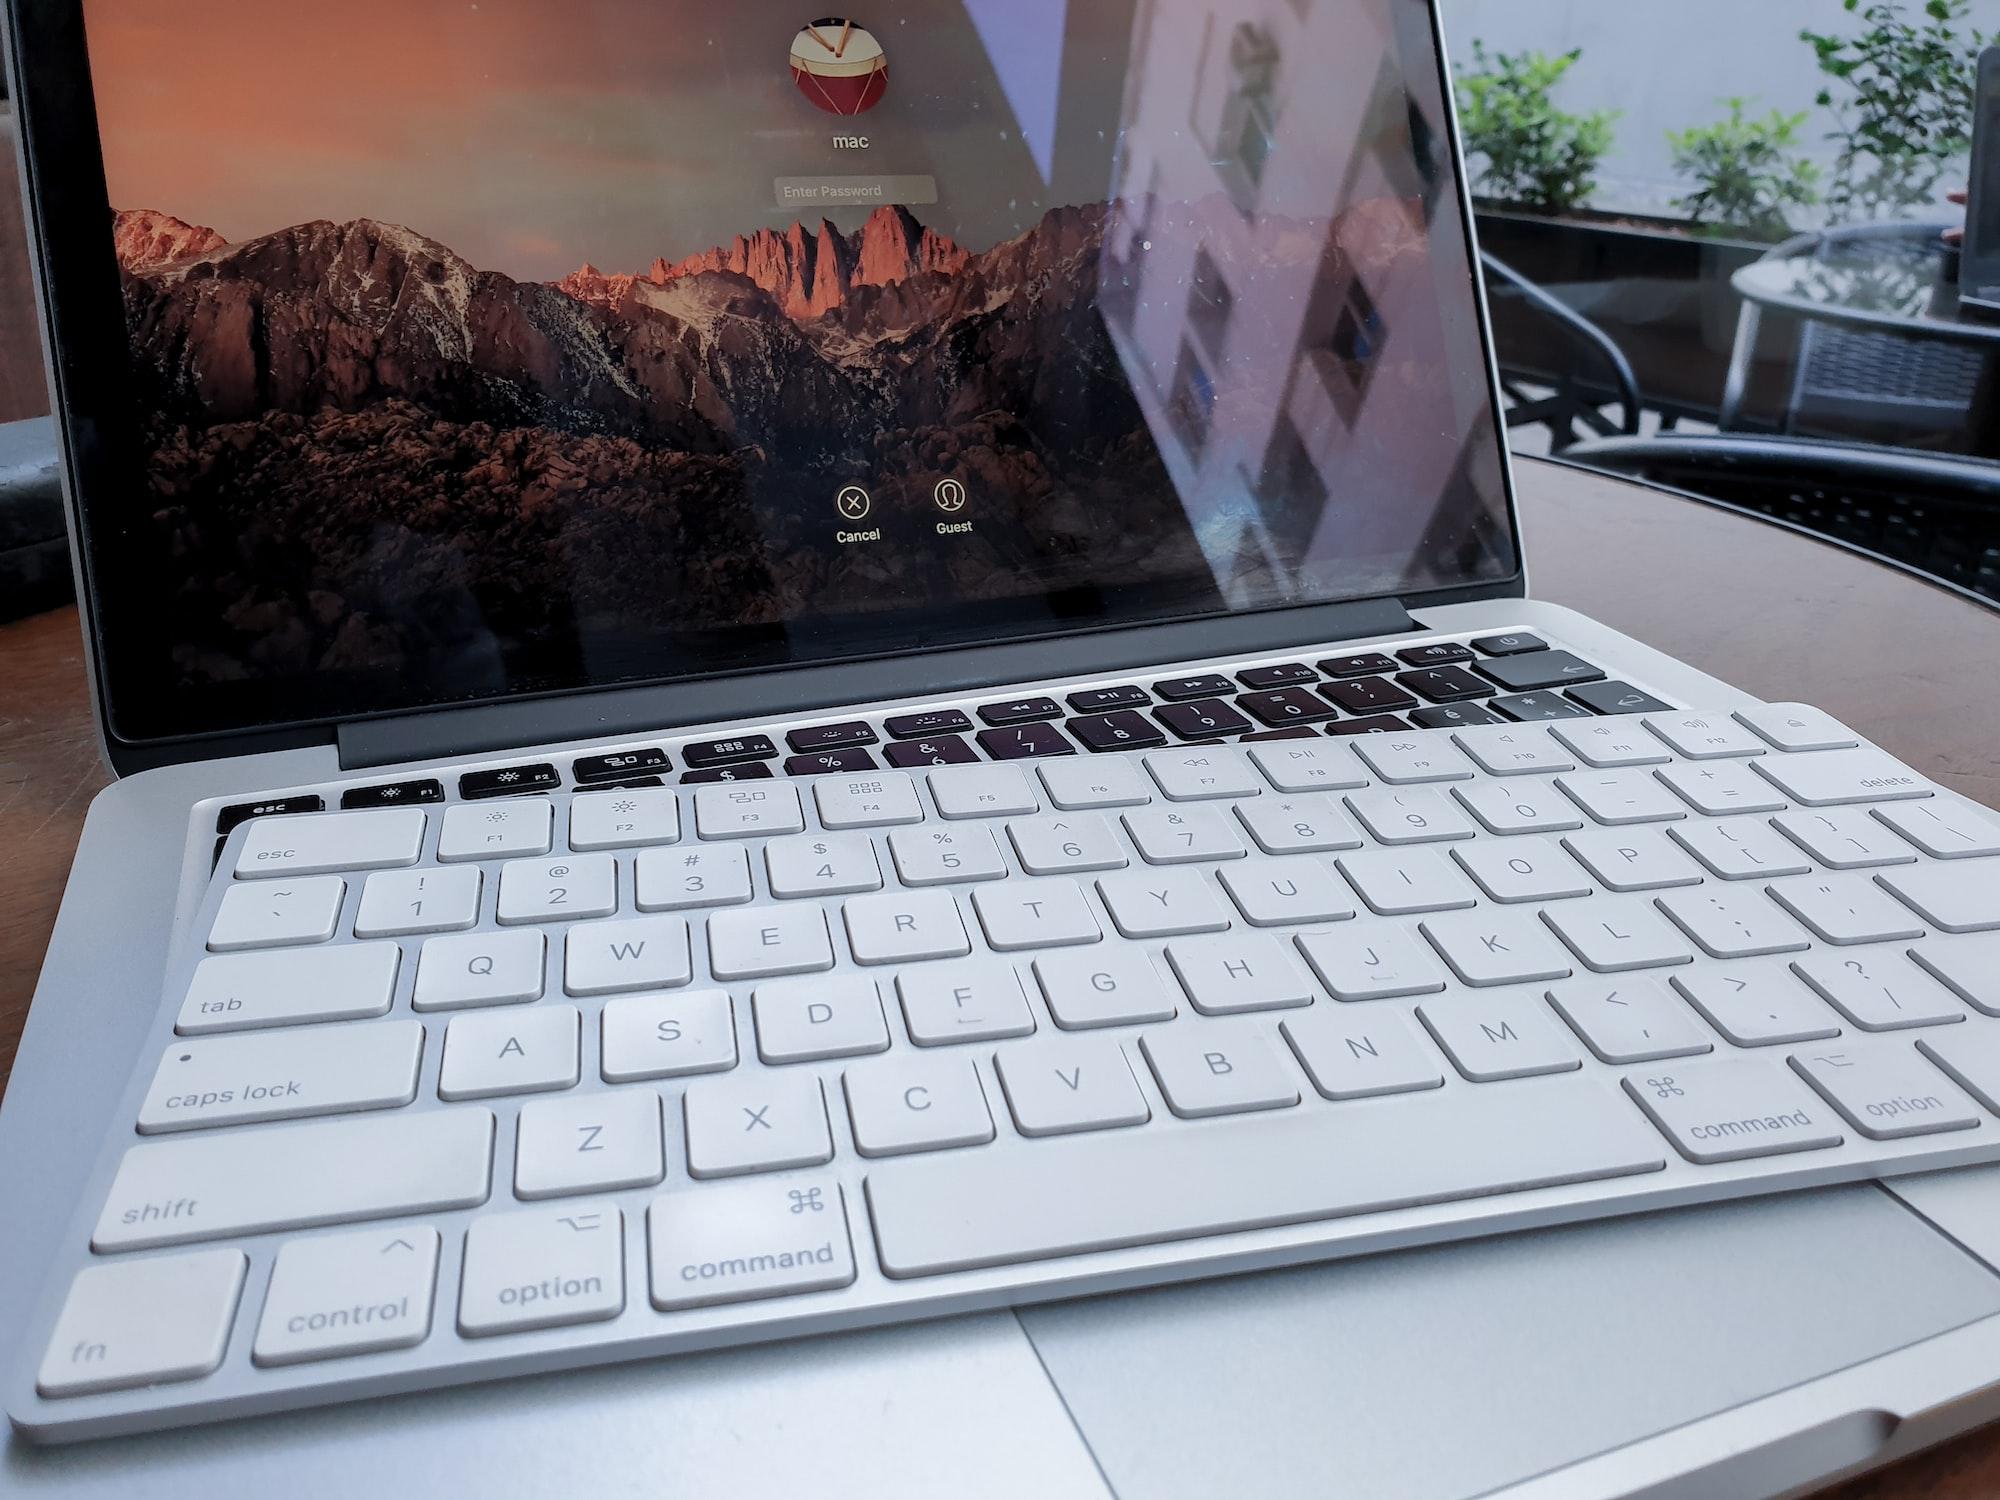 Privacidad en línea: ¿puedes ser rastreado en Internet?